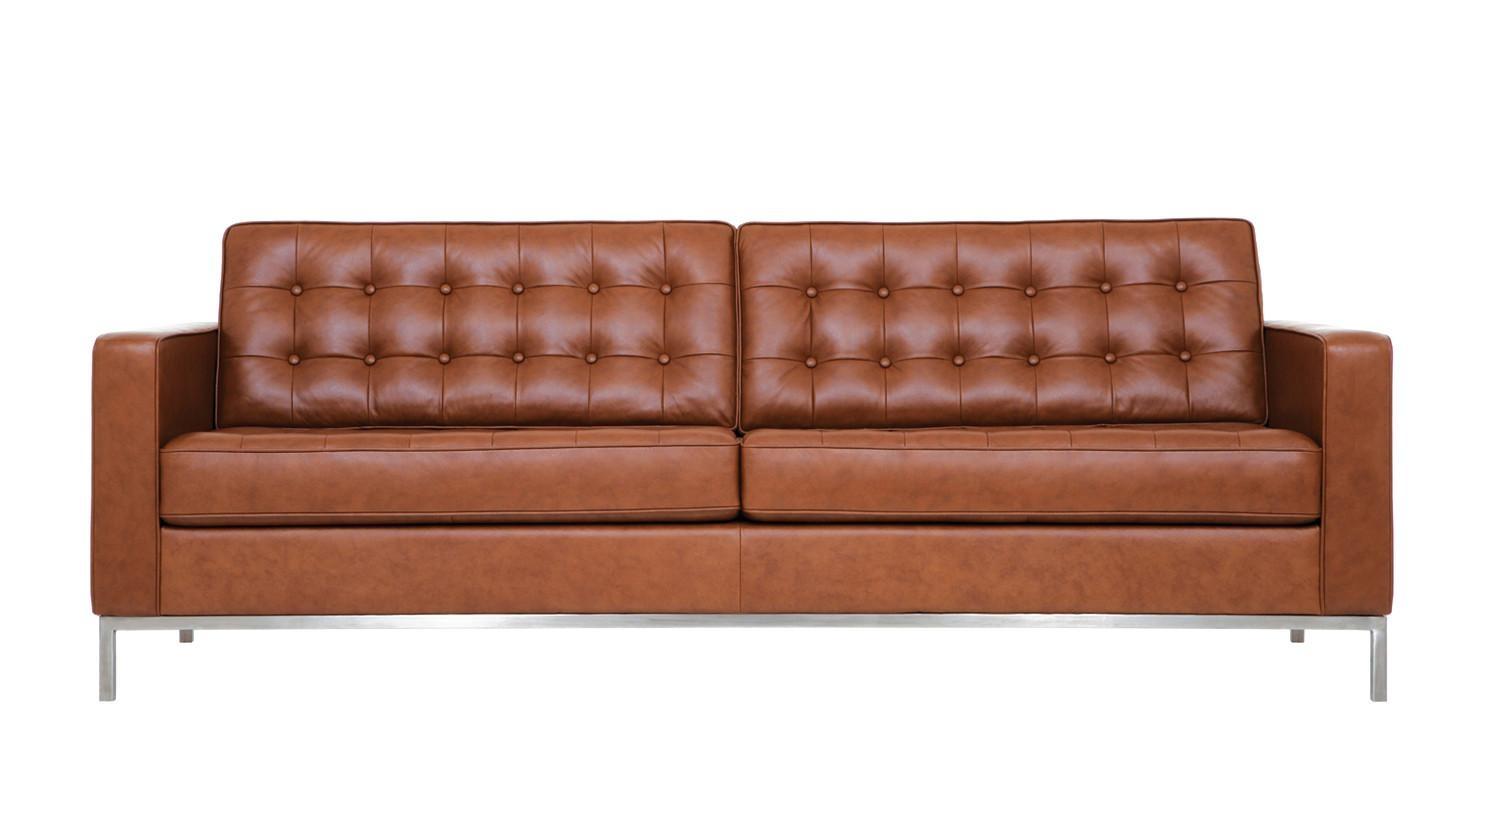 Sofas Center : Sleeper Sofa Austin Furnituresleeper Texassleeper In Austin Sleeper Sofas (View 11 of 20)